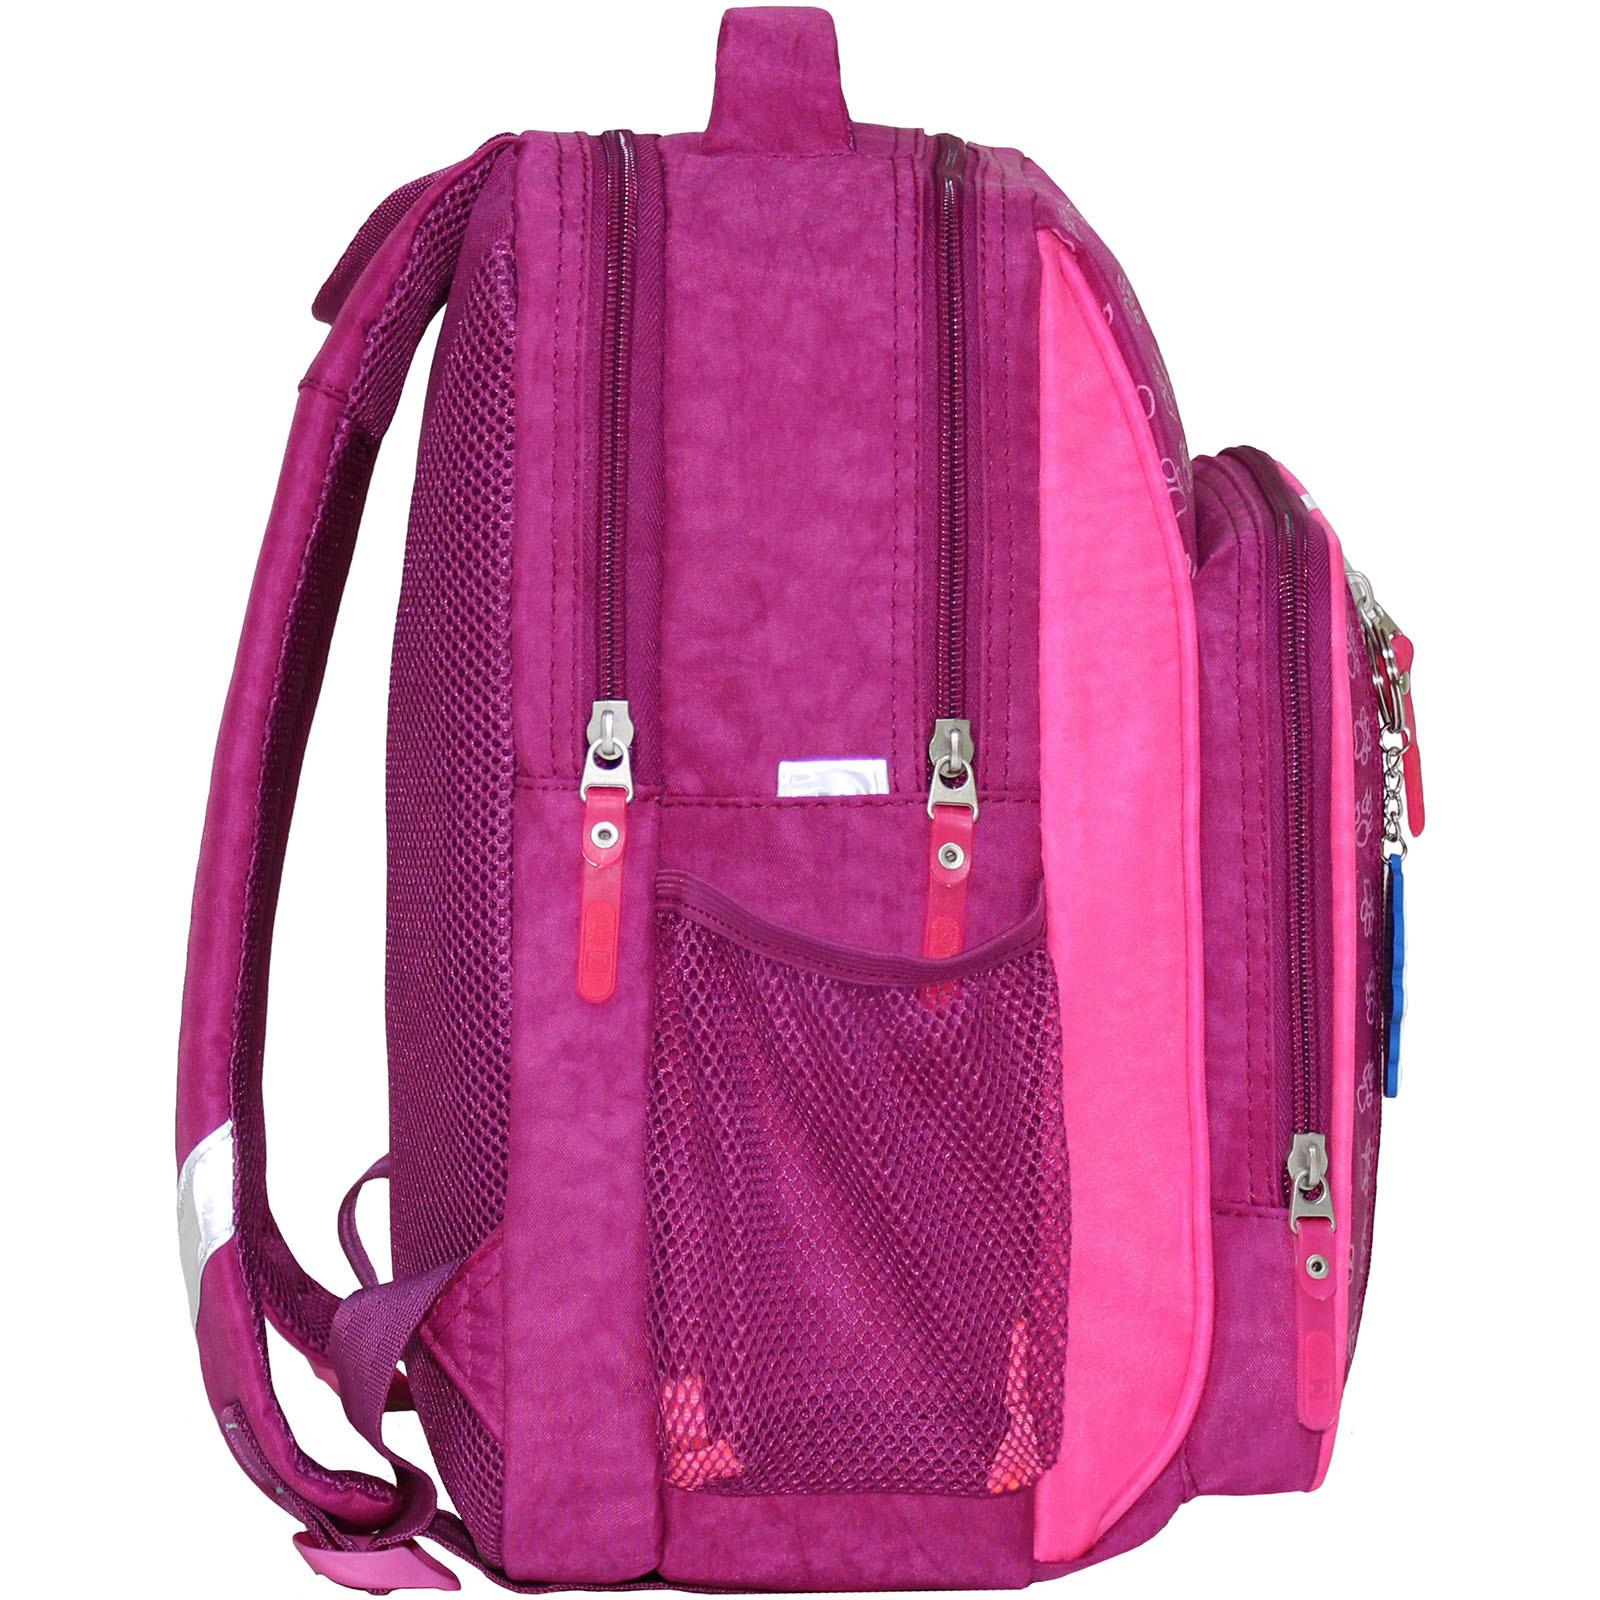 Рюкзак школьный Bagland Школьник 8 л. 143 малиновый 18д (0012870)